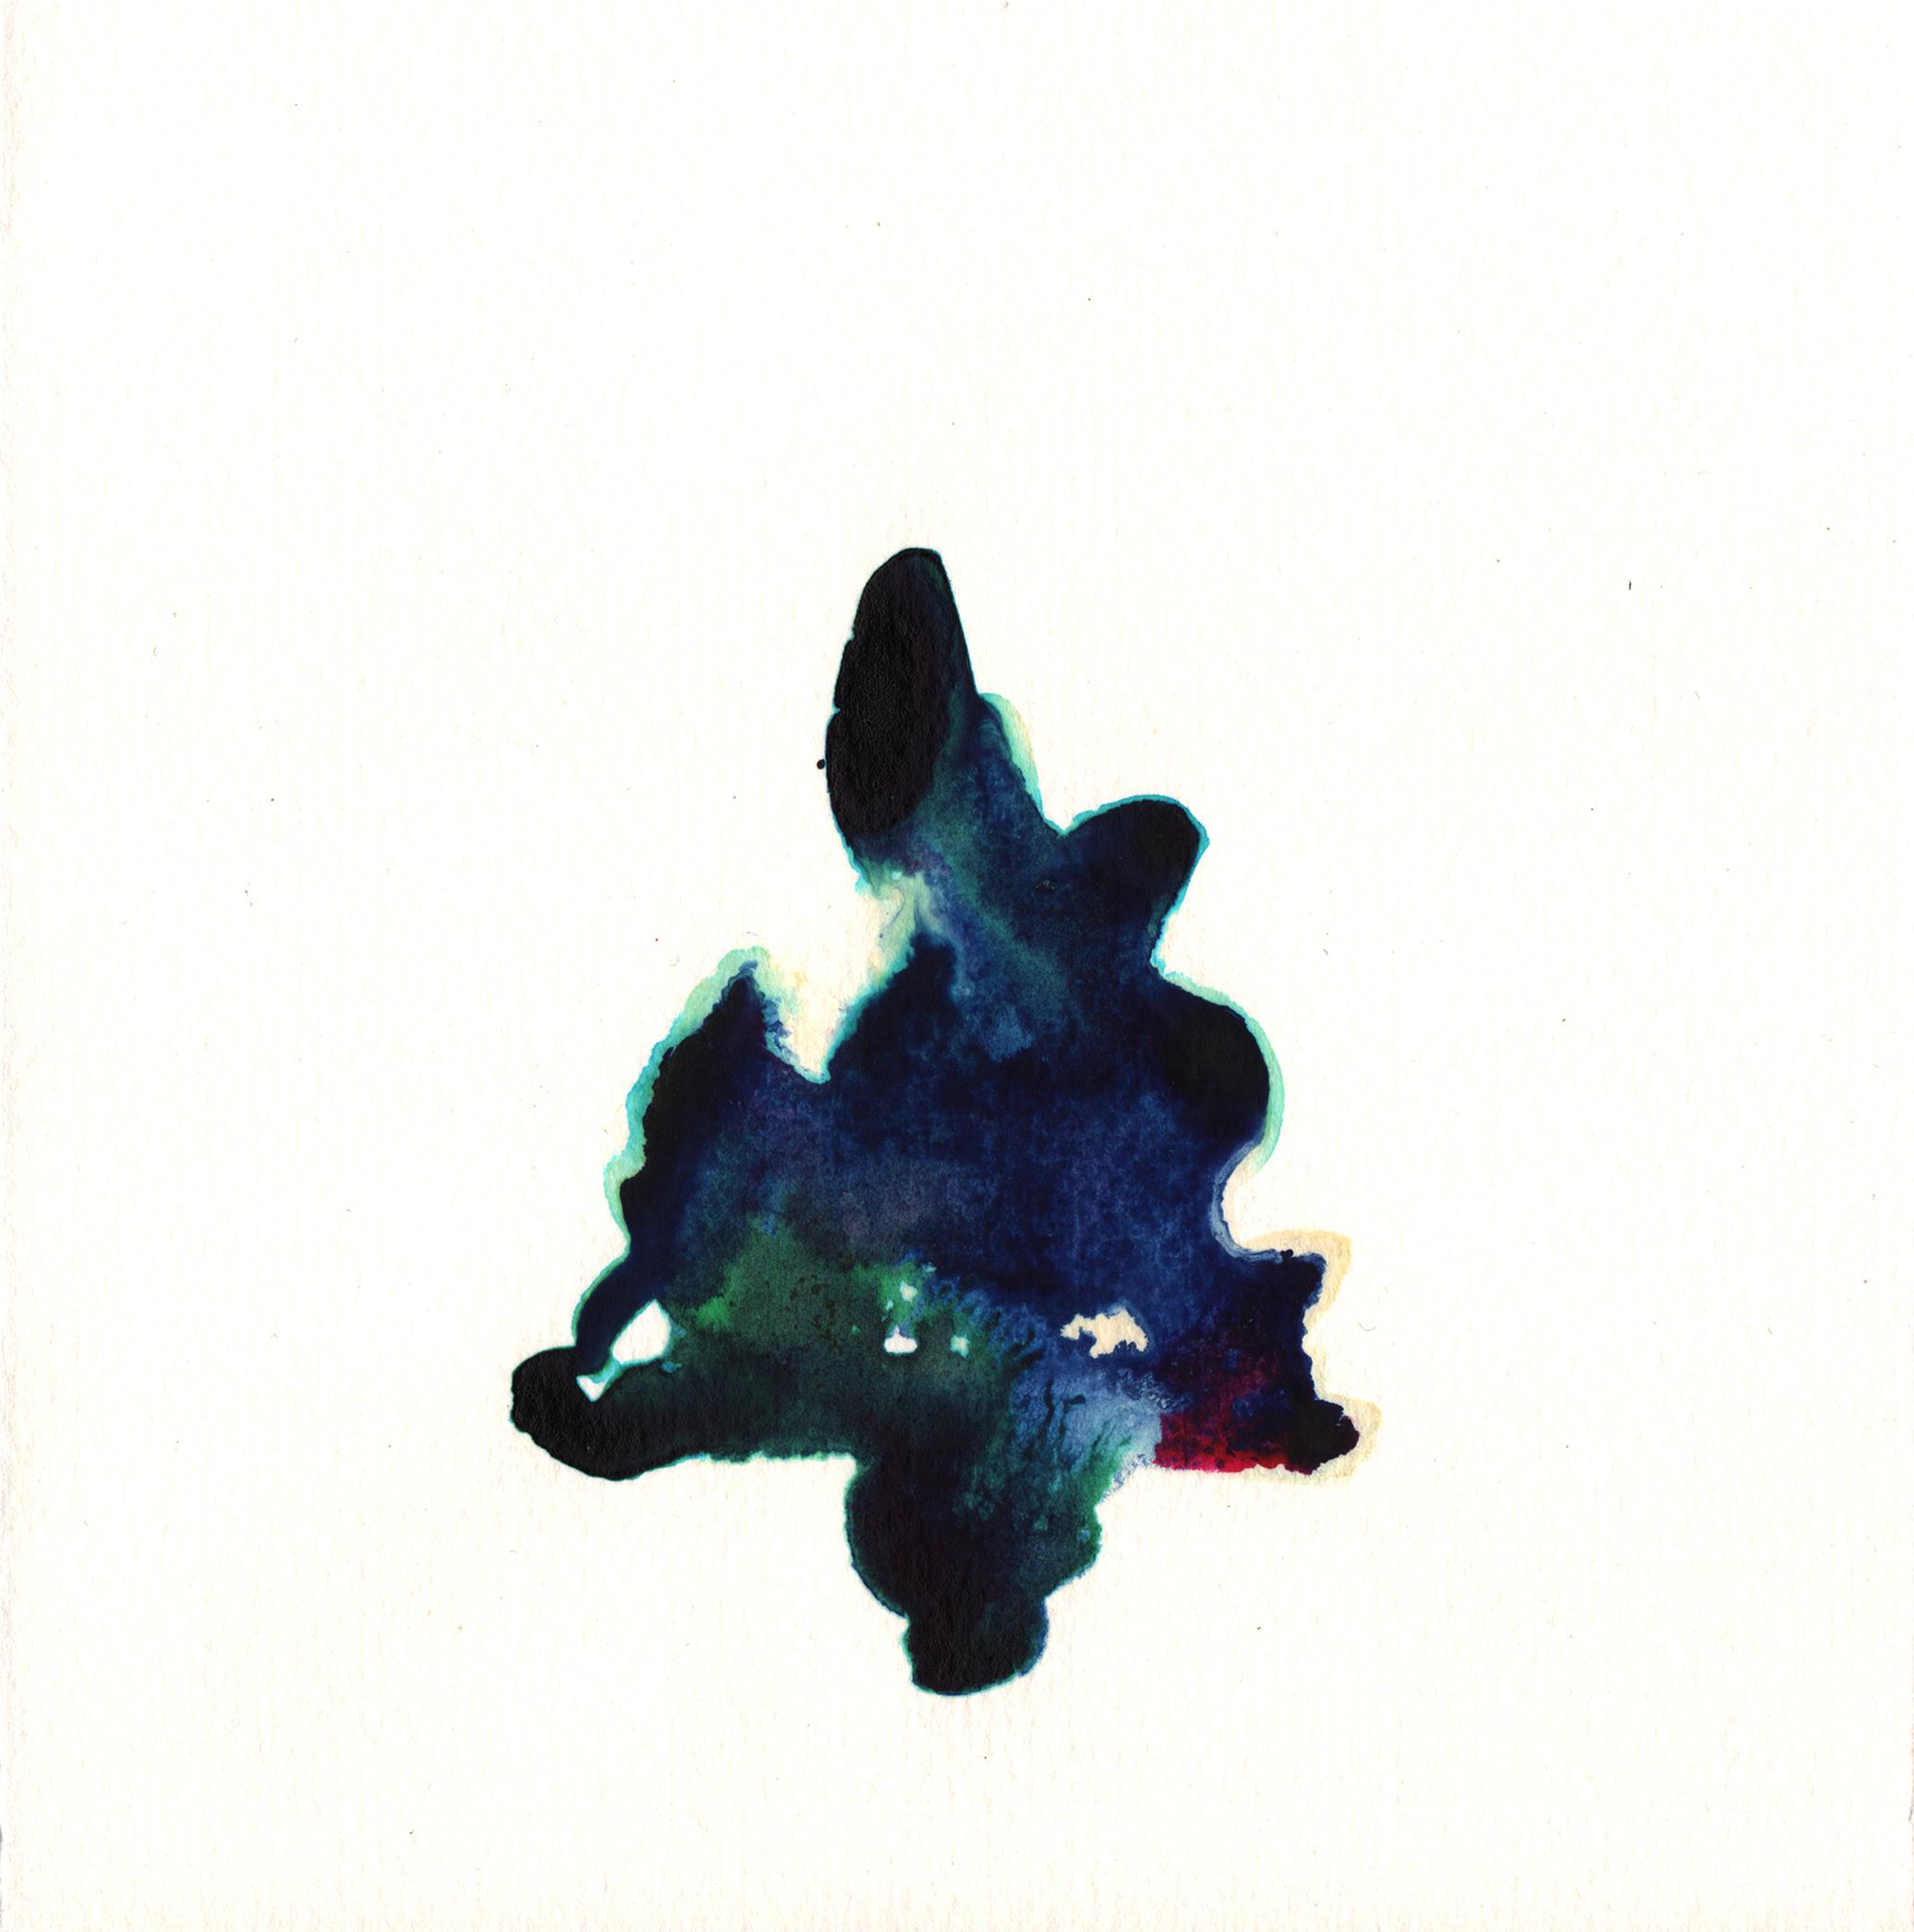 250.Blue.Fern.10.16.14.jpg